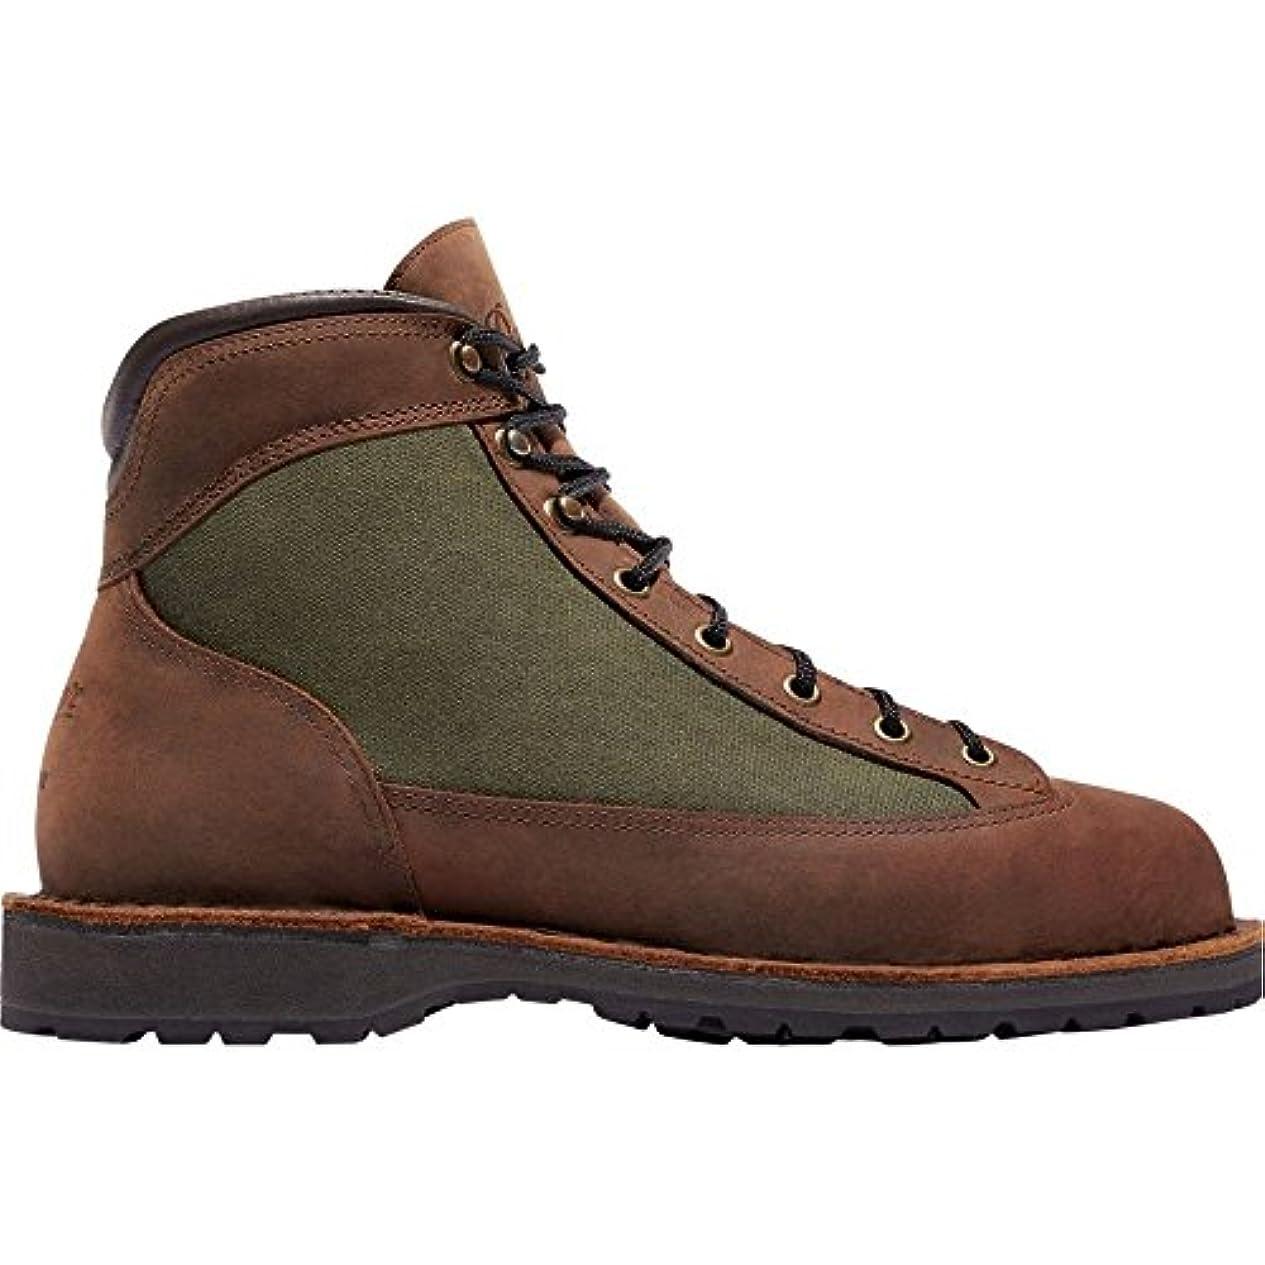 優れましたリサイクルするサーカス(ダナー) Danner メンズ シューズ?靴 ブーツ x Topo Designs Ridge Boots [並行輸入品]